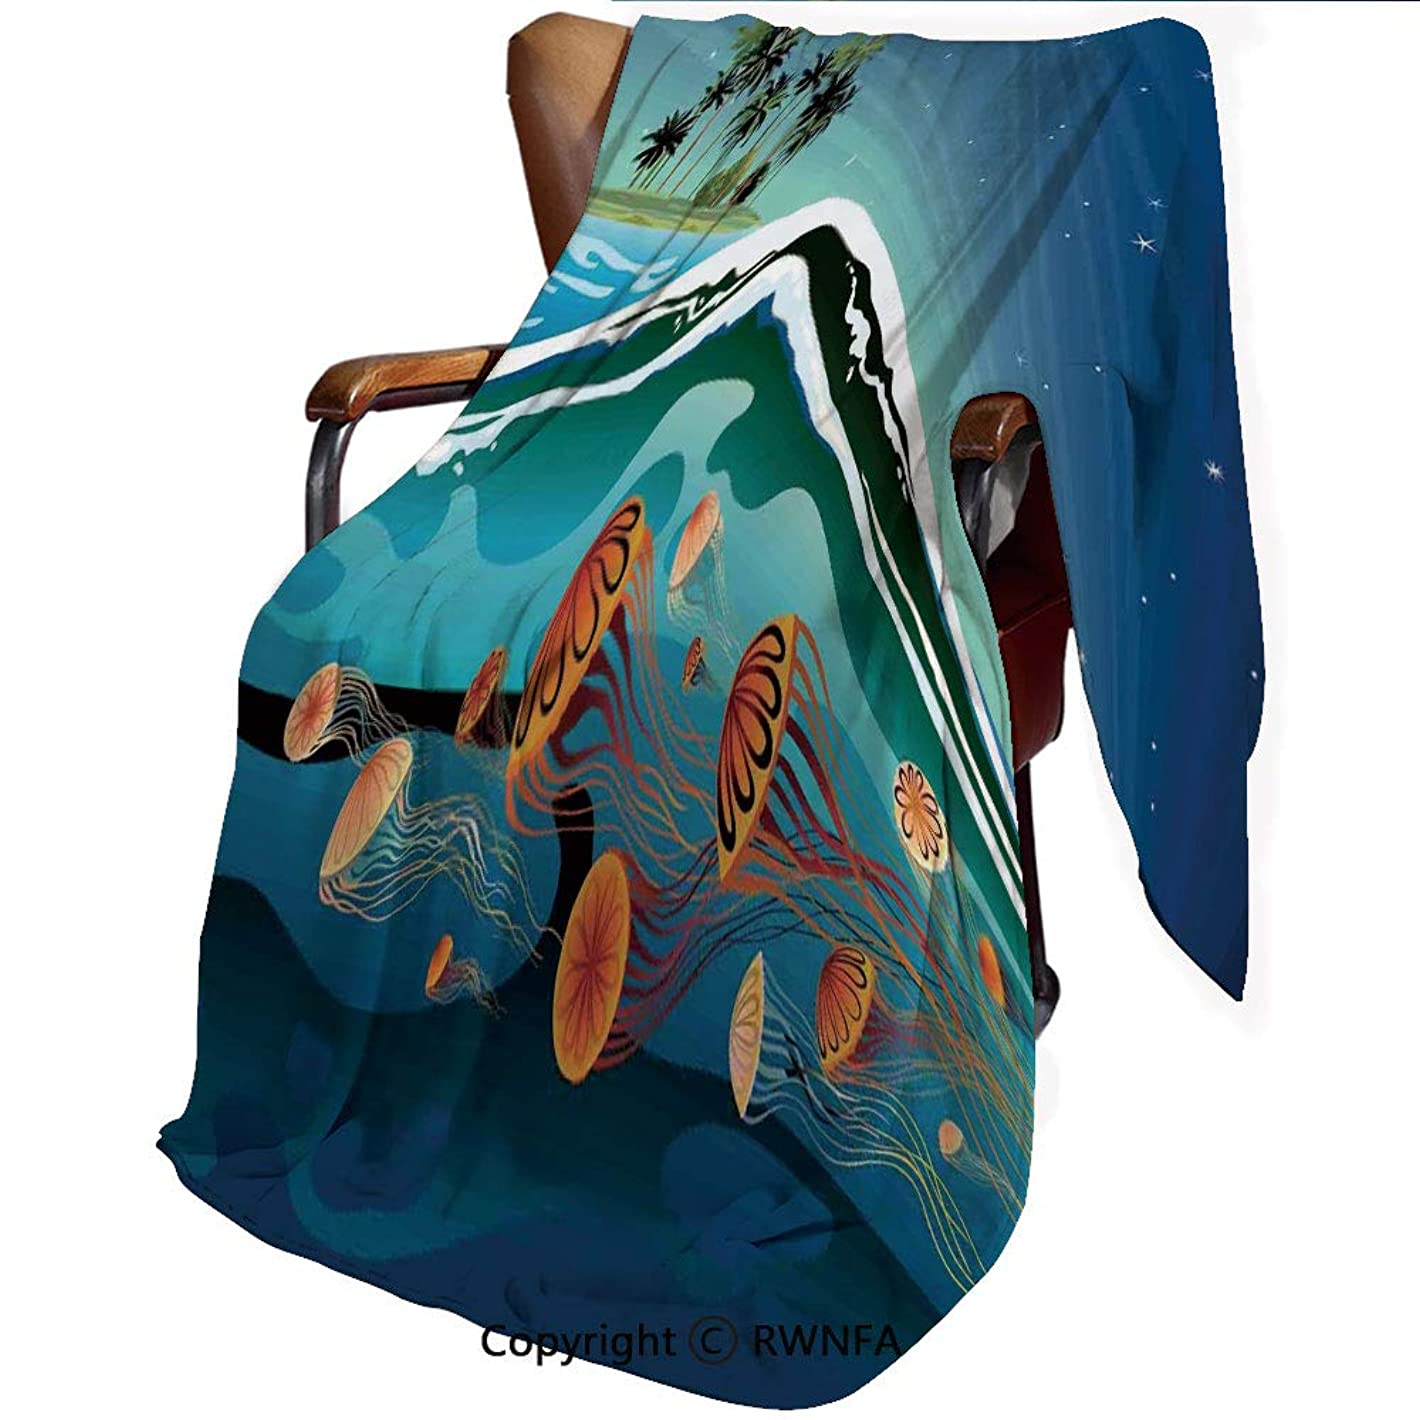 追うデータムクラゲの装飾 毛布 ブランケット もうふ シングル 羽織 あったか ふわふわ 柔らかい マイクロファイバー 丸洗いOK 抗菌防臭 防ダニ加工 静電気防止 海のクラゲとココナッツ島の木星空の下で波 140*200cm ネイビーマスタード